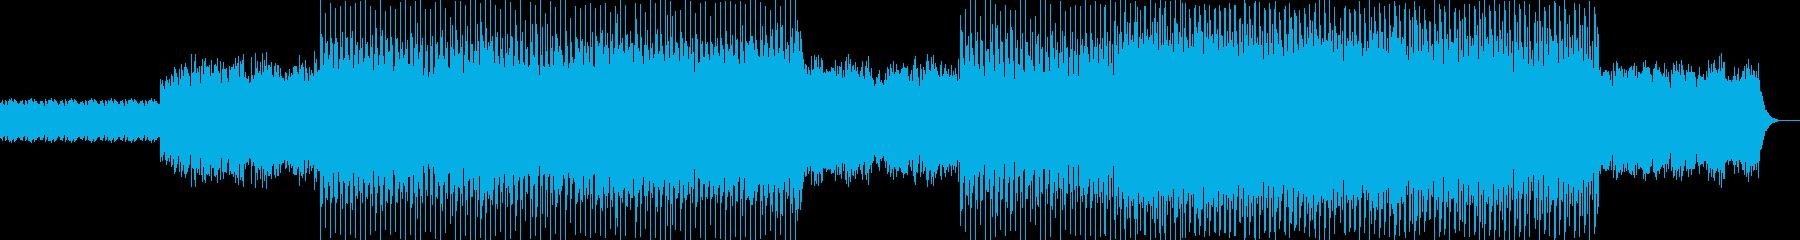 ニュース映像ナレーションバック向け-05の再生済みの波形